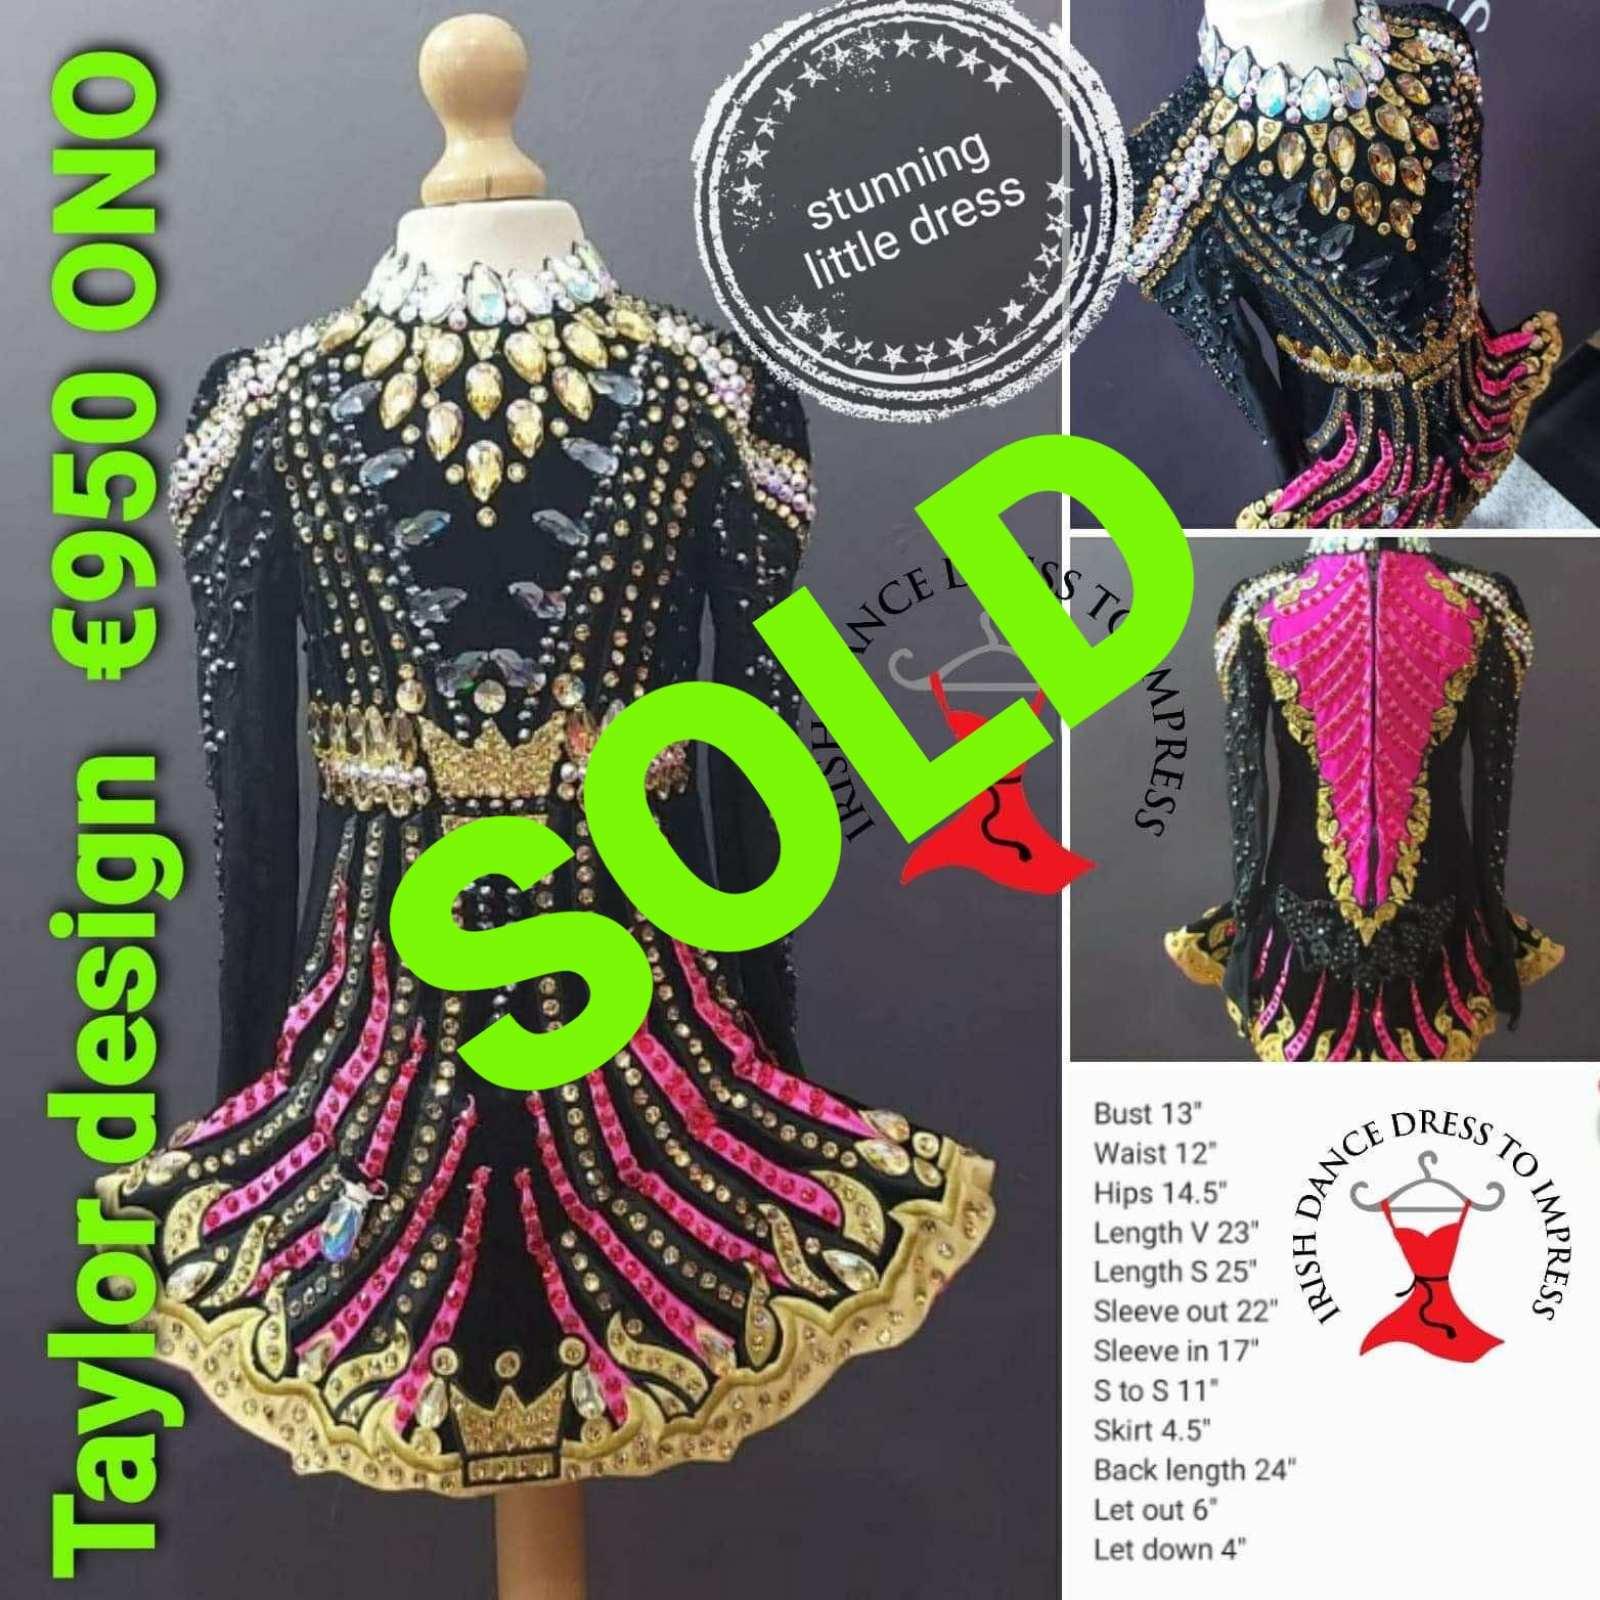 Dress #5525